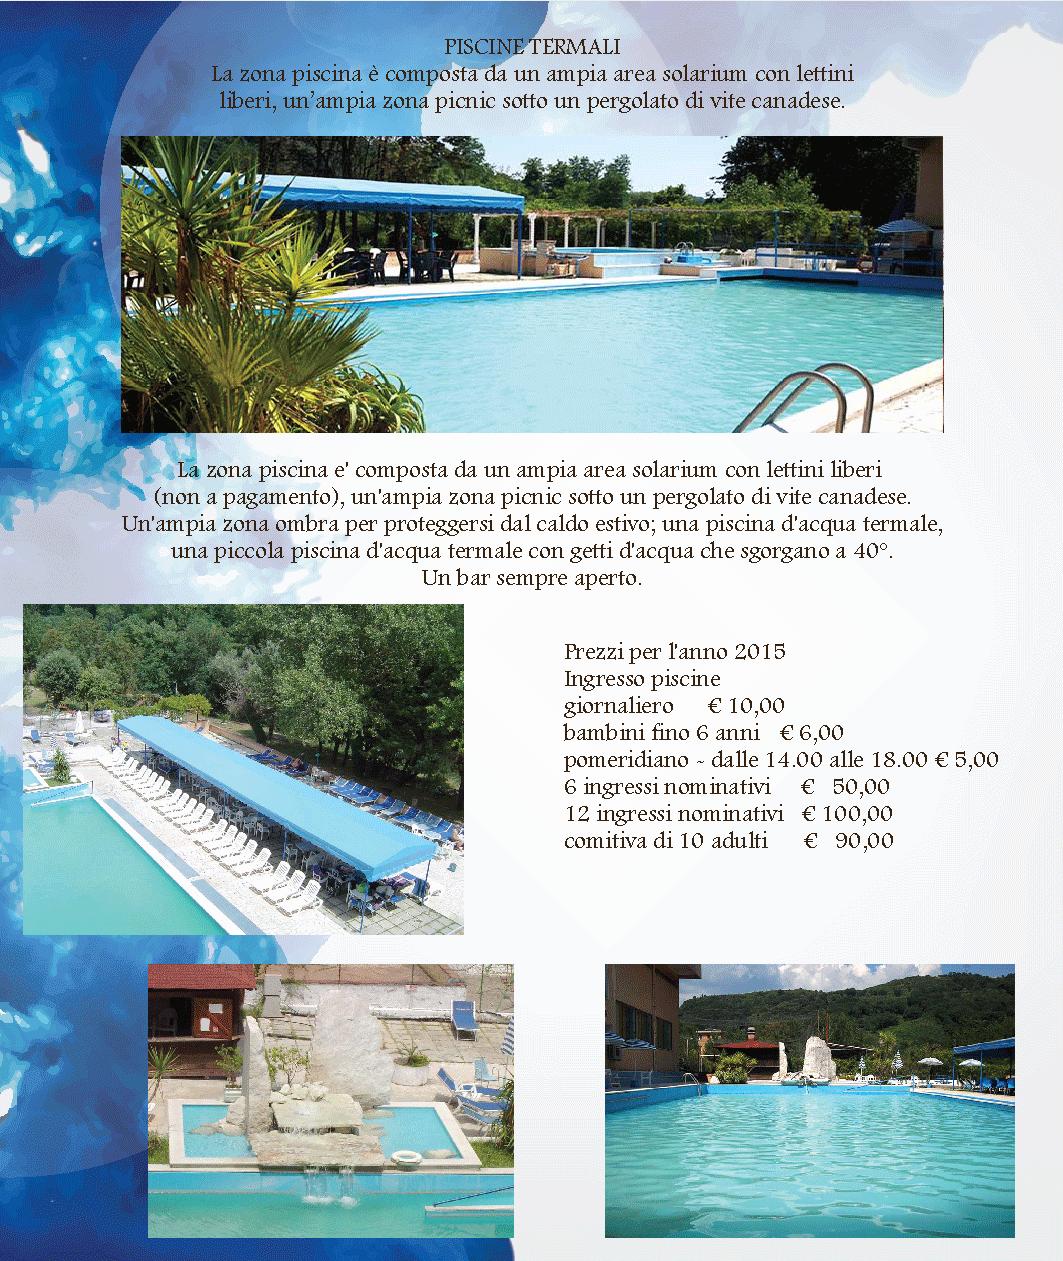 Piscine termali - Suio terme piscine ...